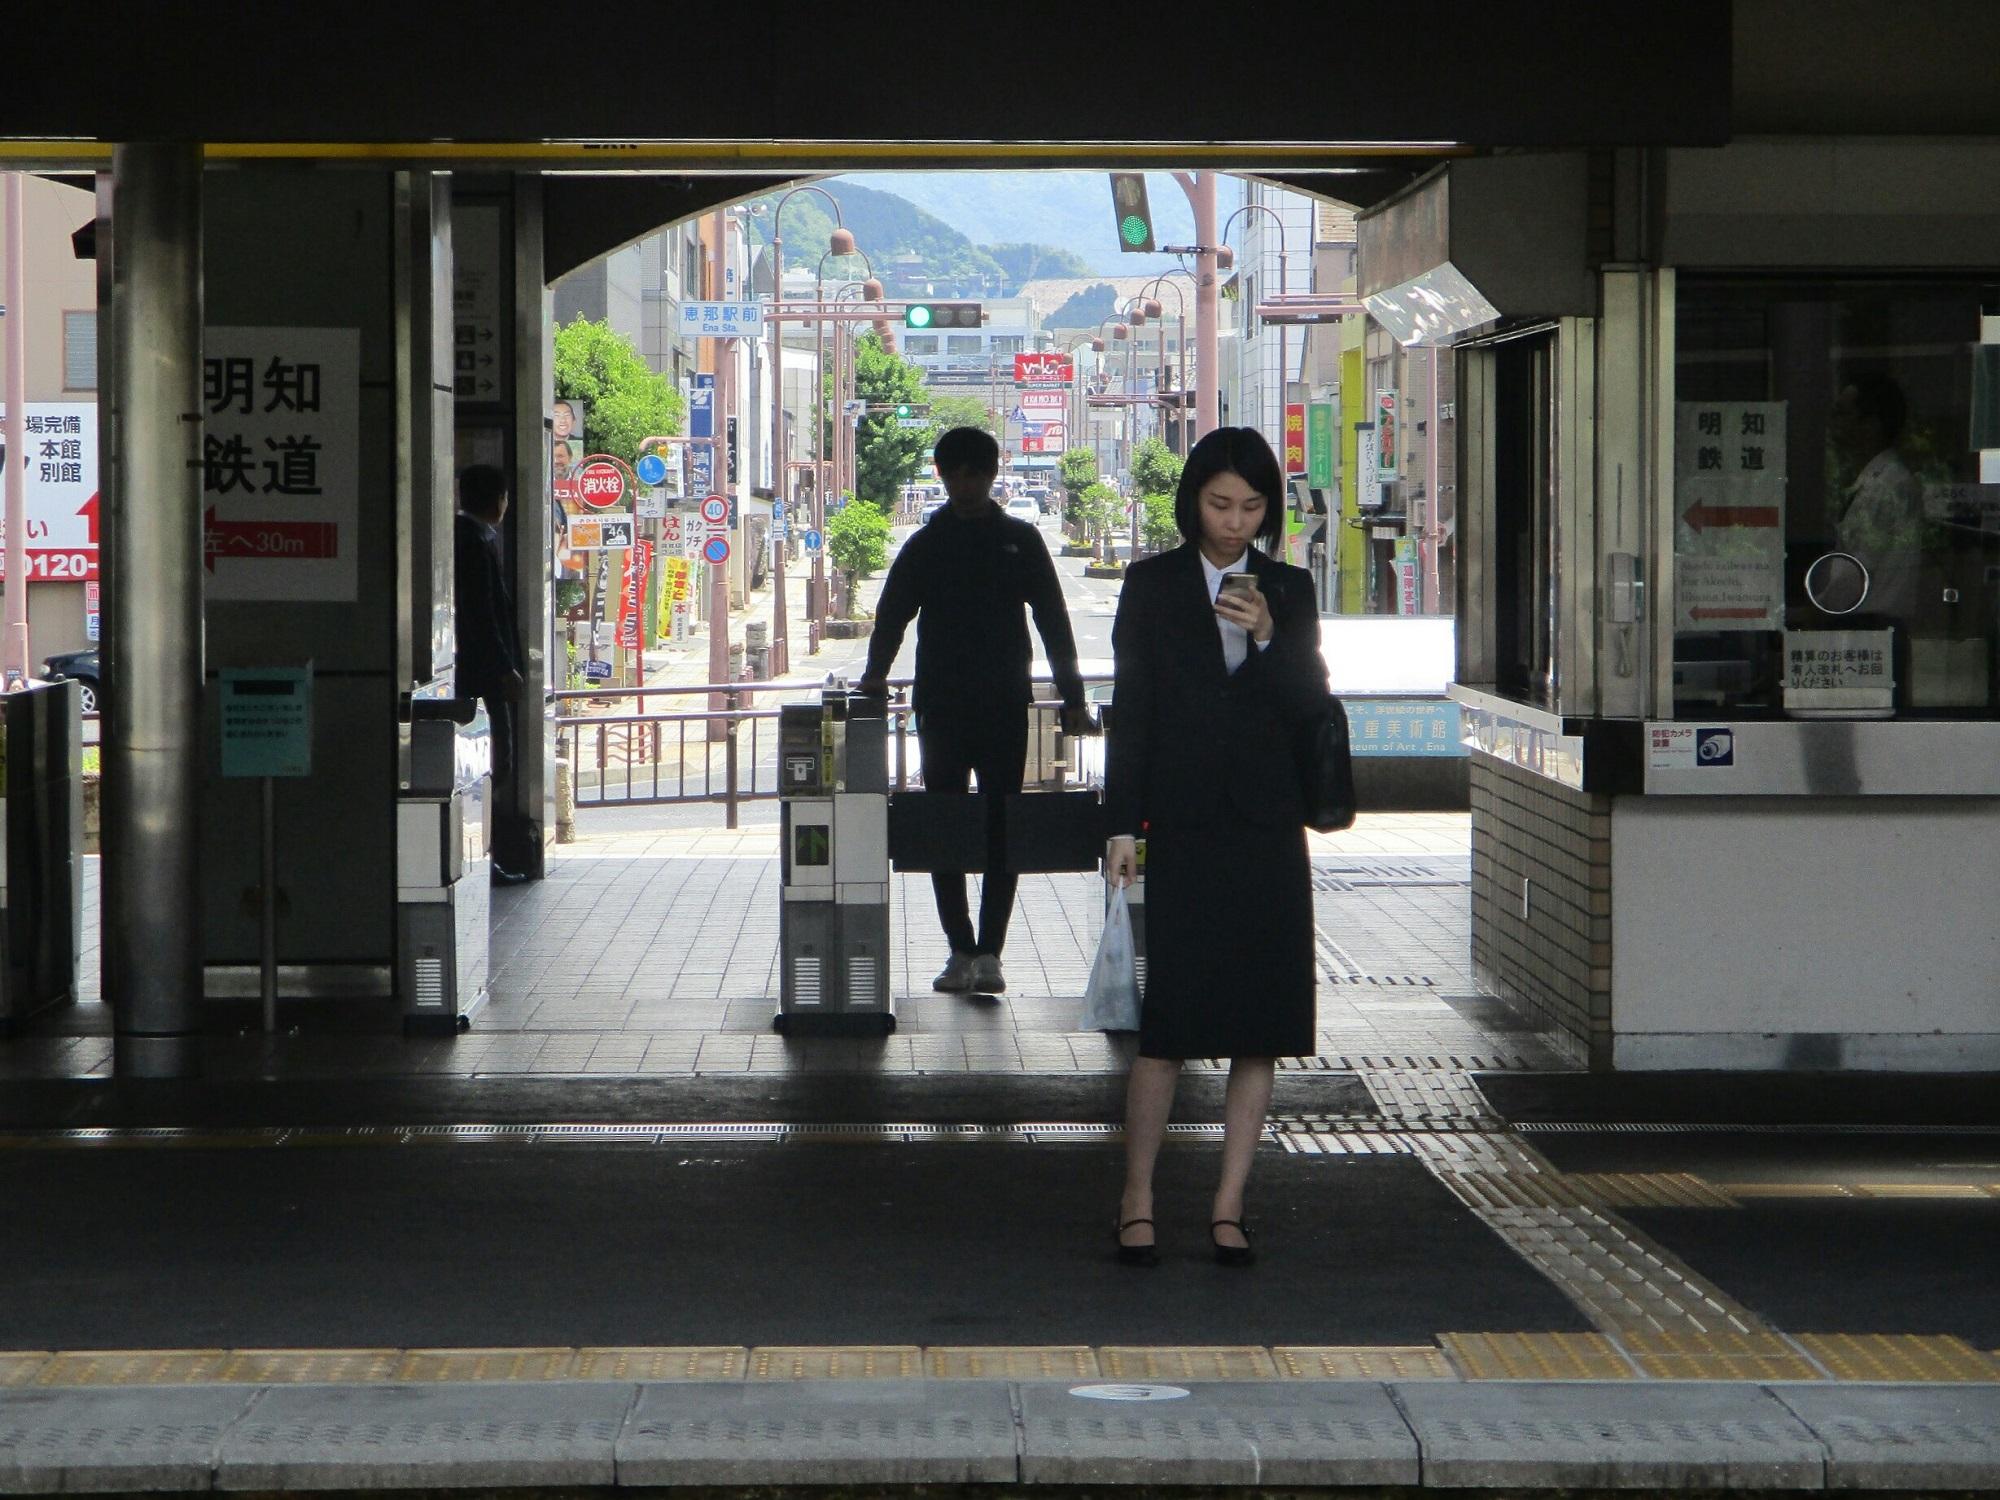 2019.5.22 (61) 恵那 - かいさつ 2000-1500